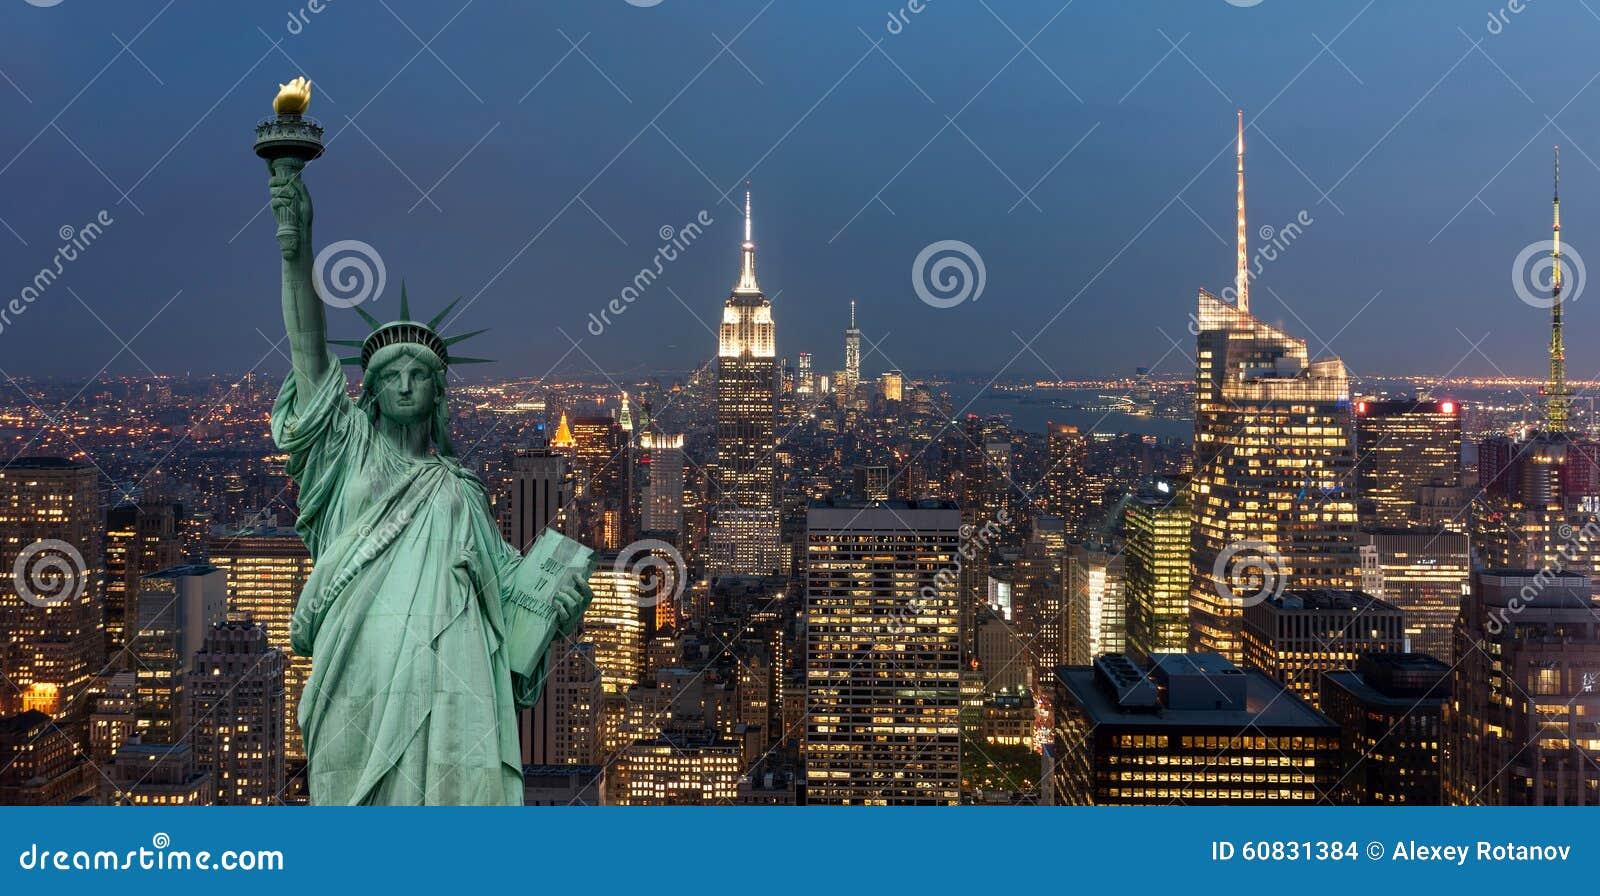 Концепция Соединенных Штатов Америки с концепцией статуи свободы